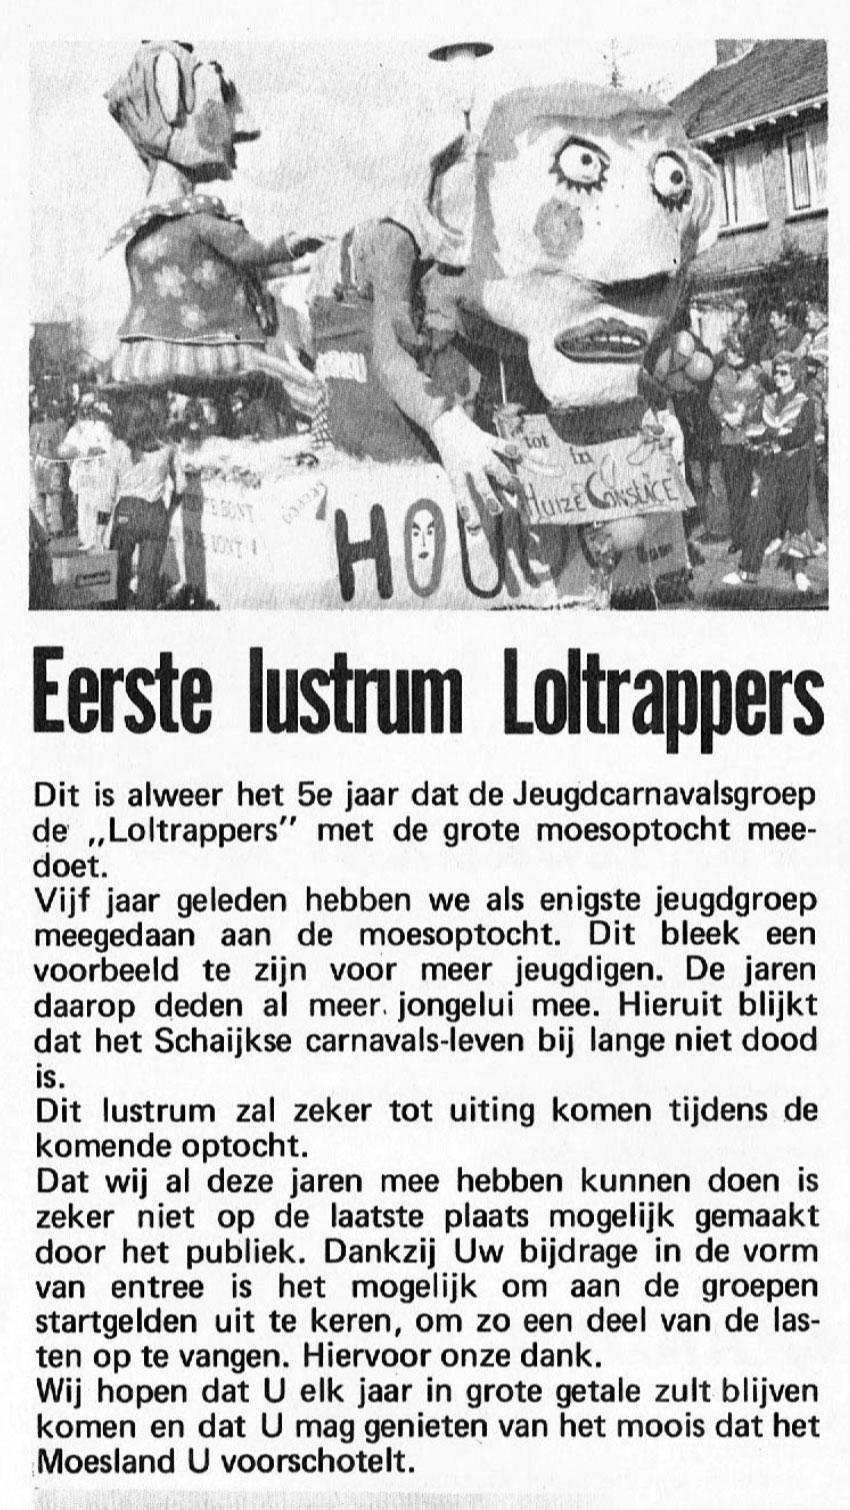 Stukje uit de carnavalskrant van de Loltrappers - 1977